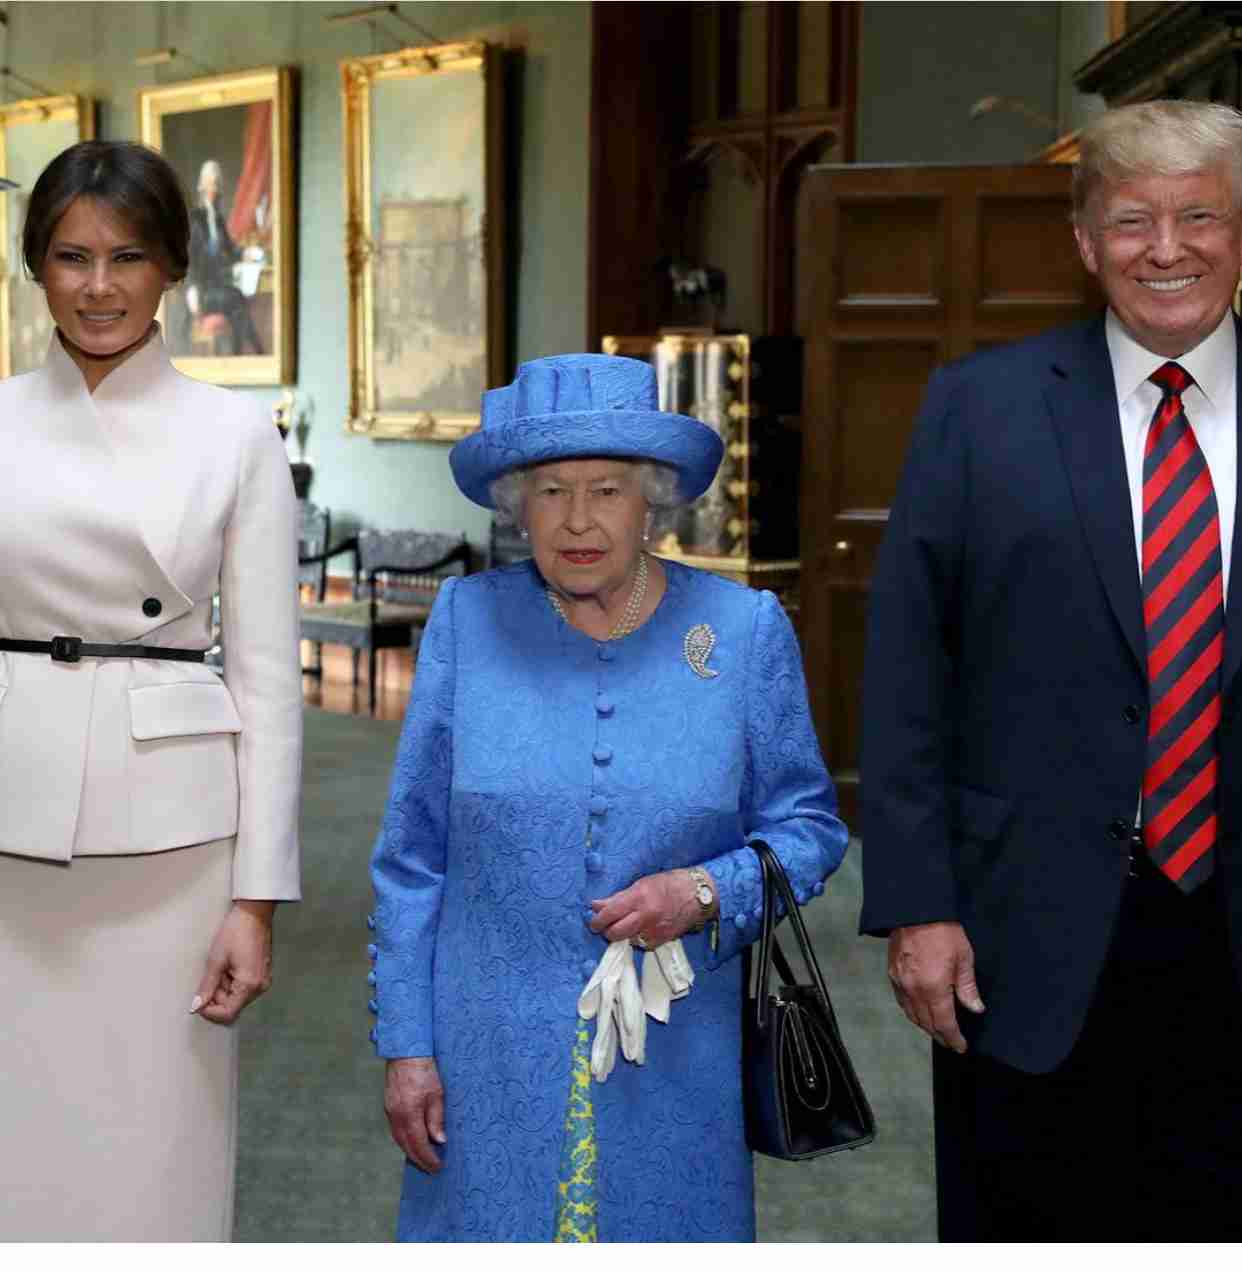 メーガン妃、ウィンブルドンでキャサリン妃と初公務 友人セリーナ・ウィリアムズの健闘を見守る